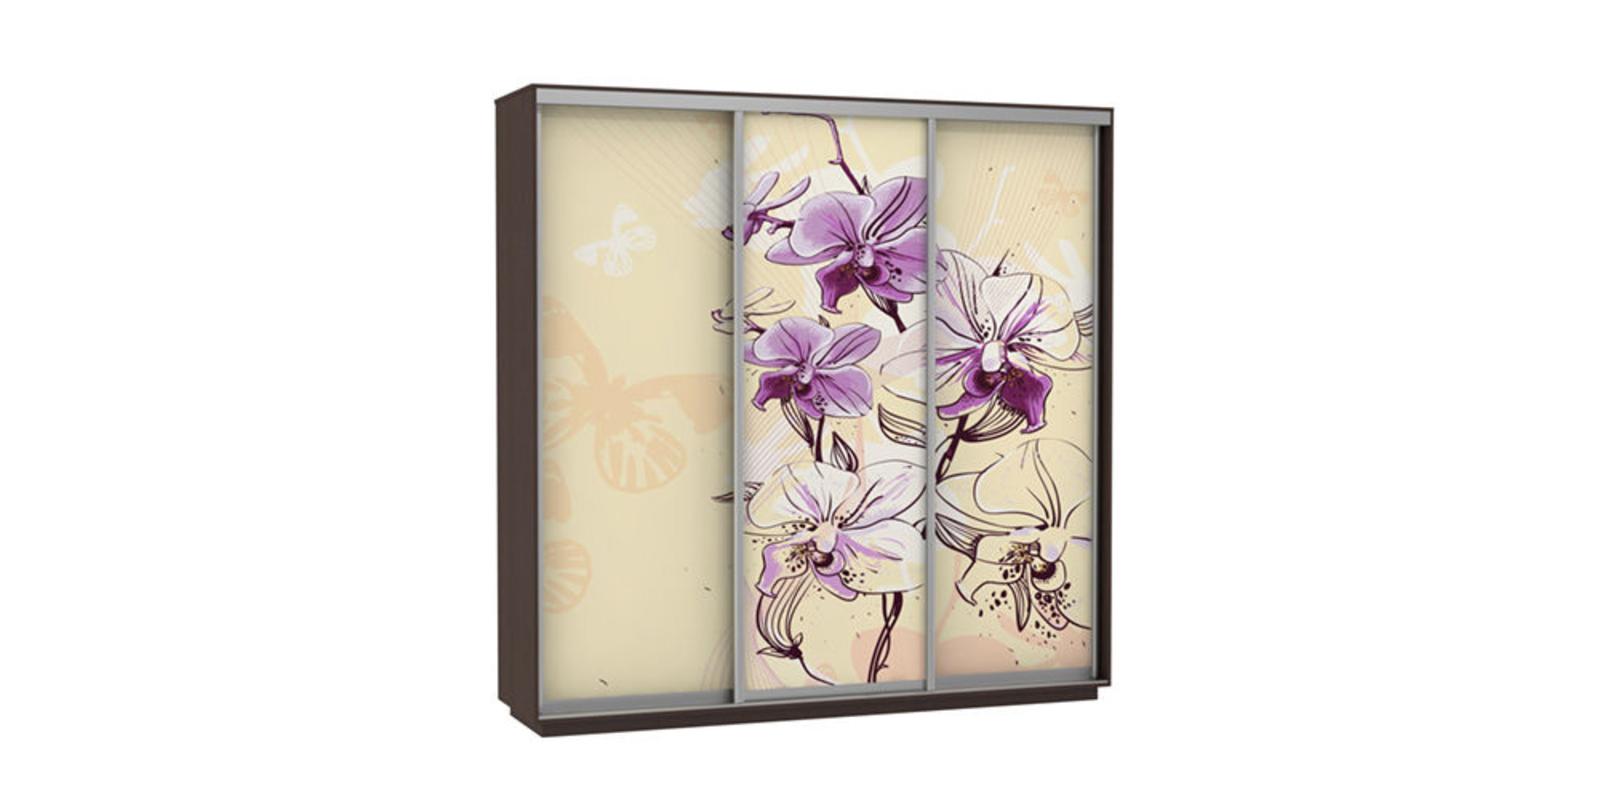 Шкаф-купе трехдверный Байкал 240 см (венге/орхидея)